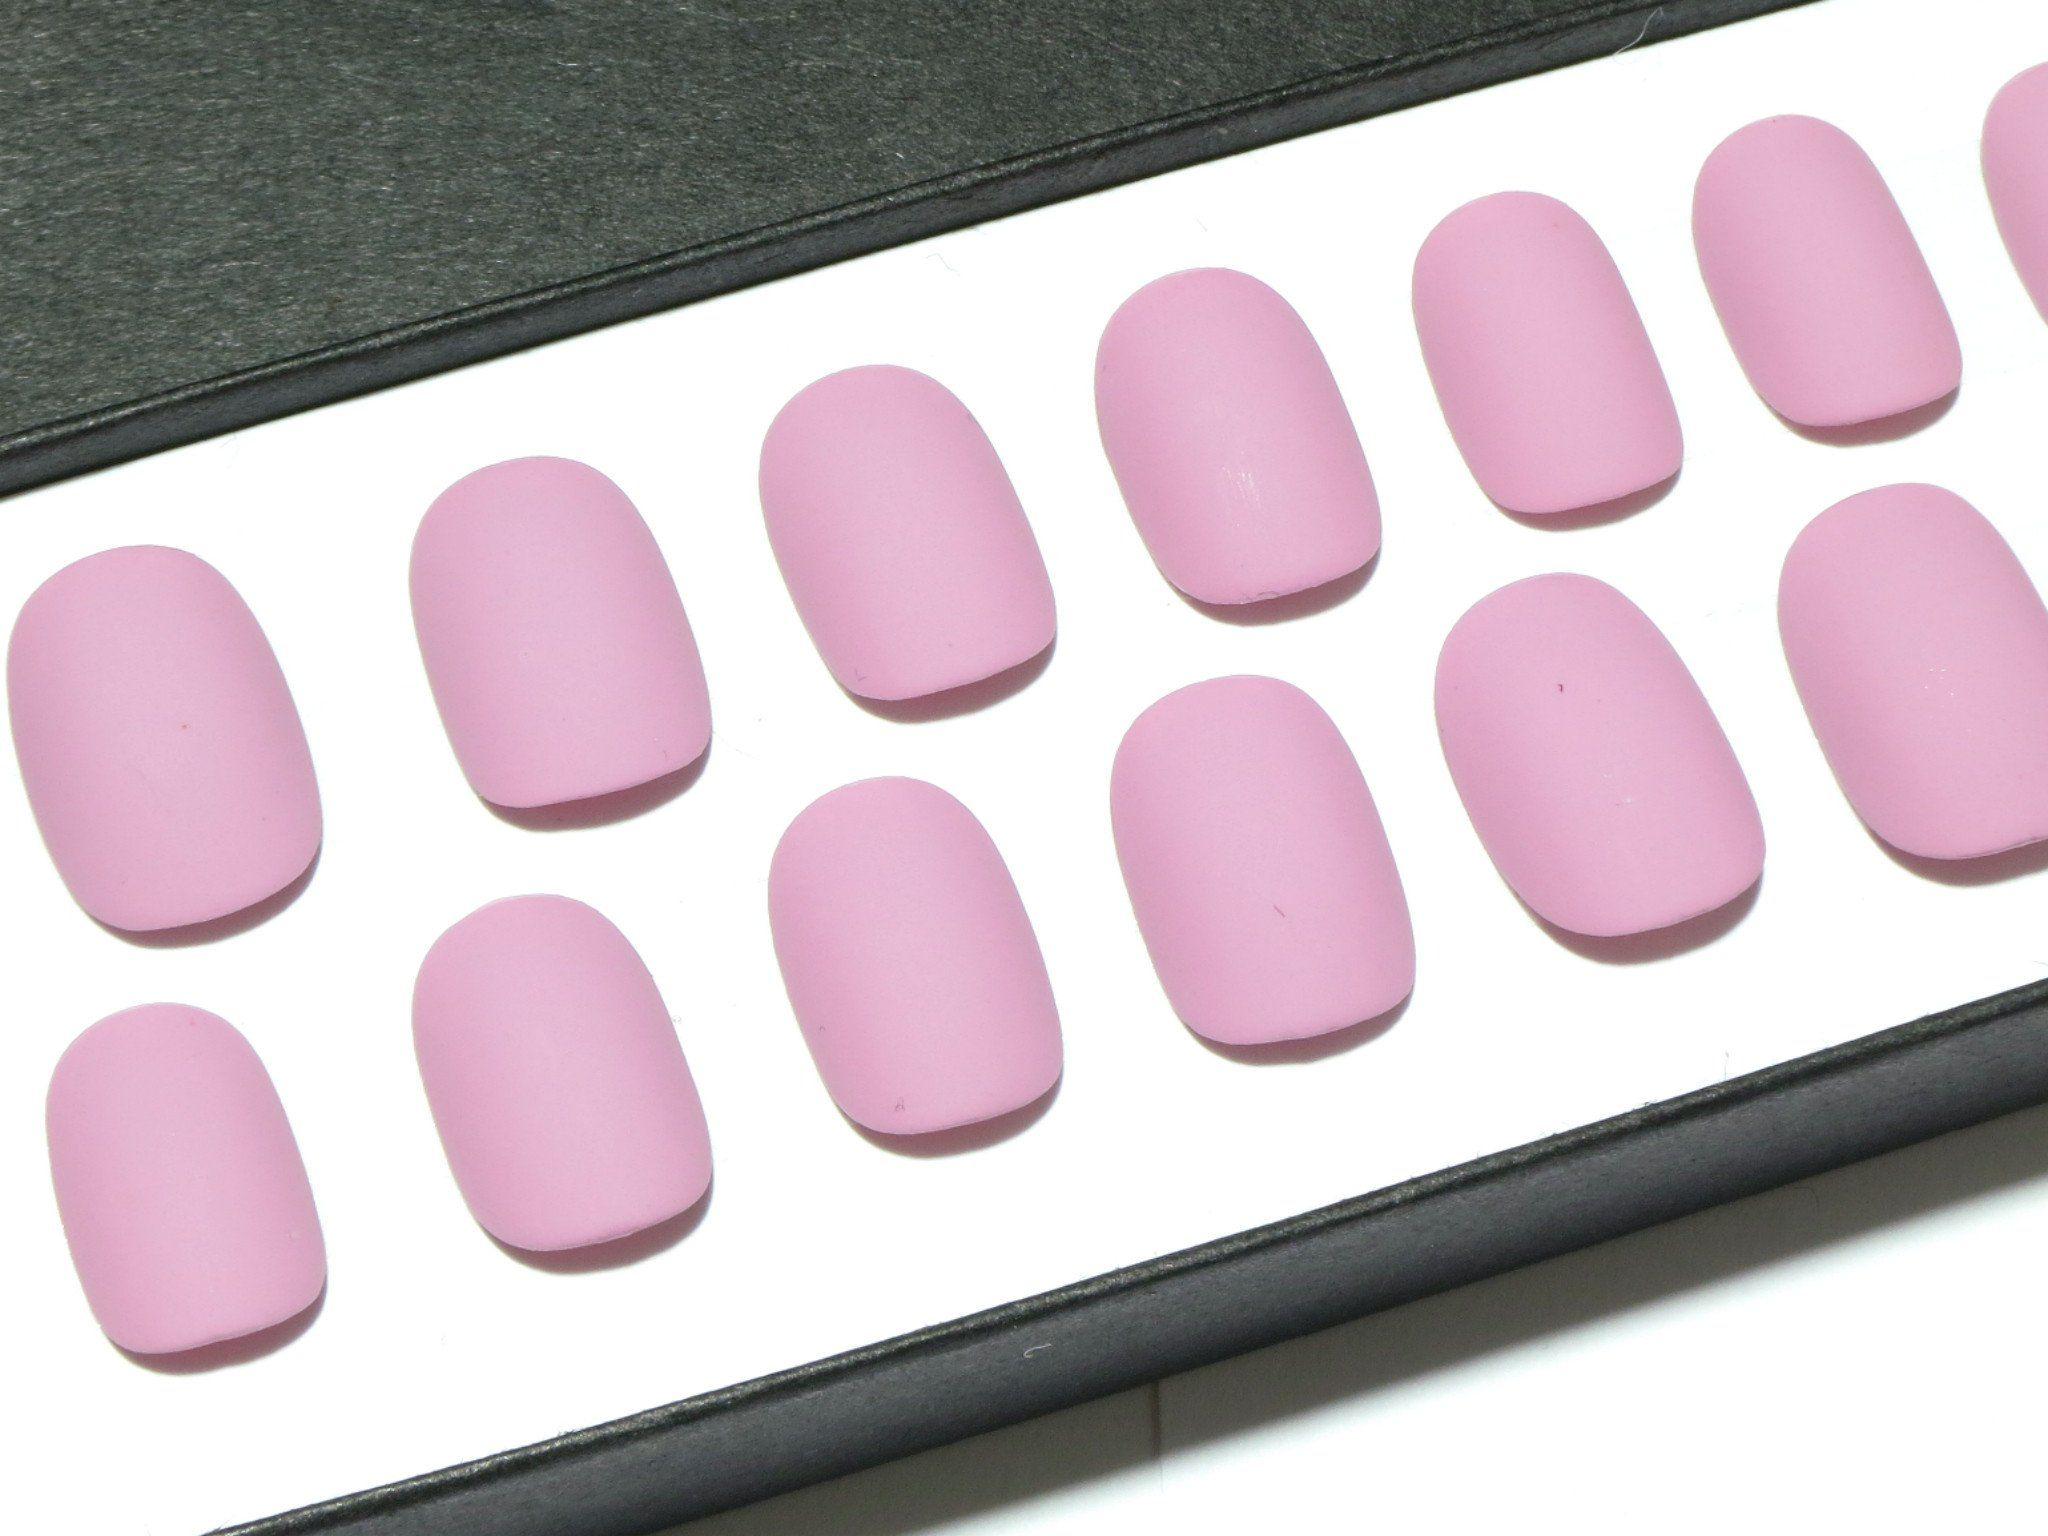 Lilac Matte - Petite Sizes - - Sarah\'s Sparkles Nails - 3 | p ...